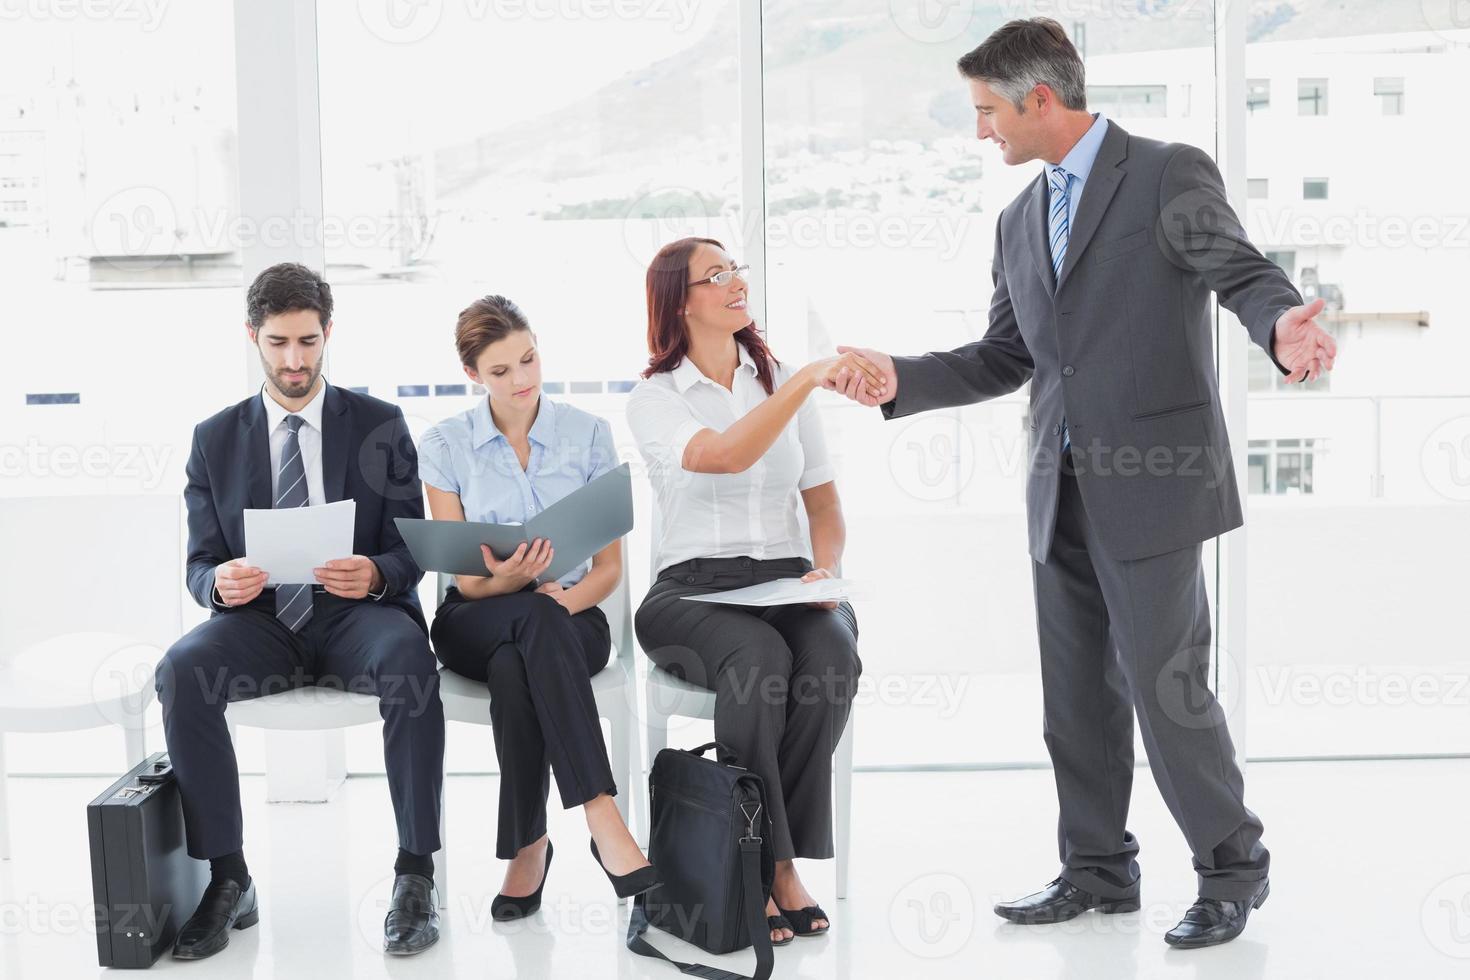 lächelnder Geschäftsmann, der Mitarbeiterhand schüttelt foto